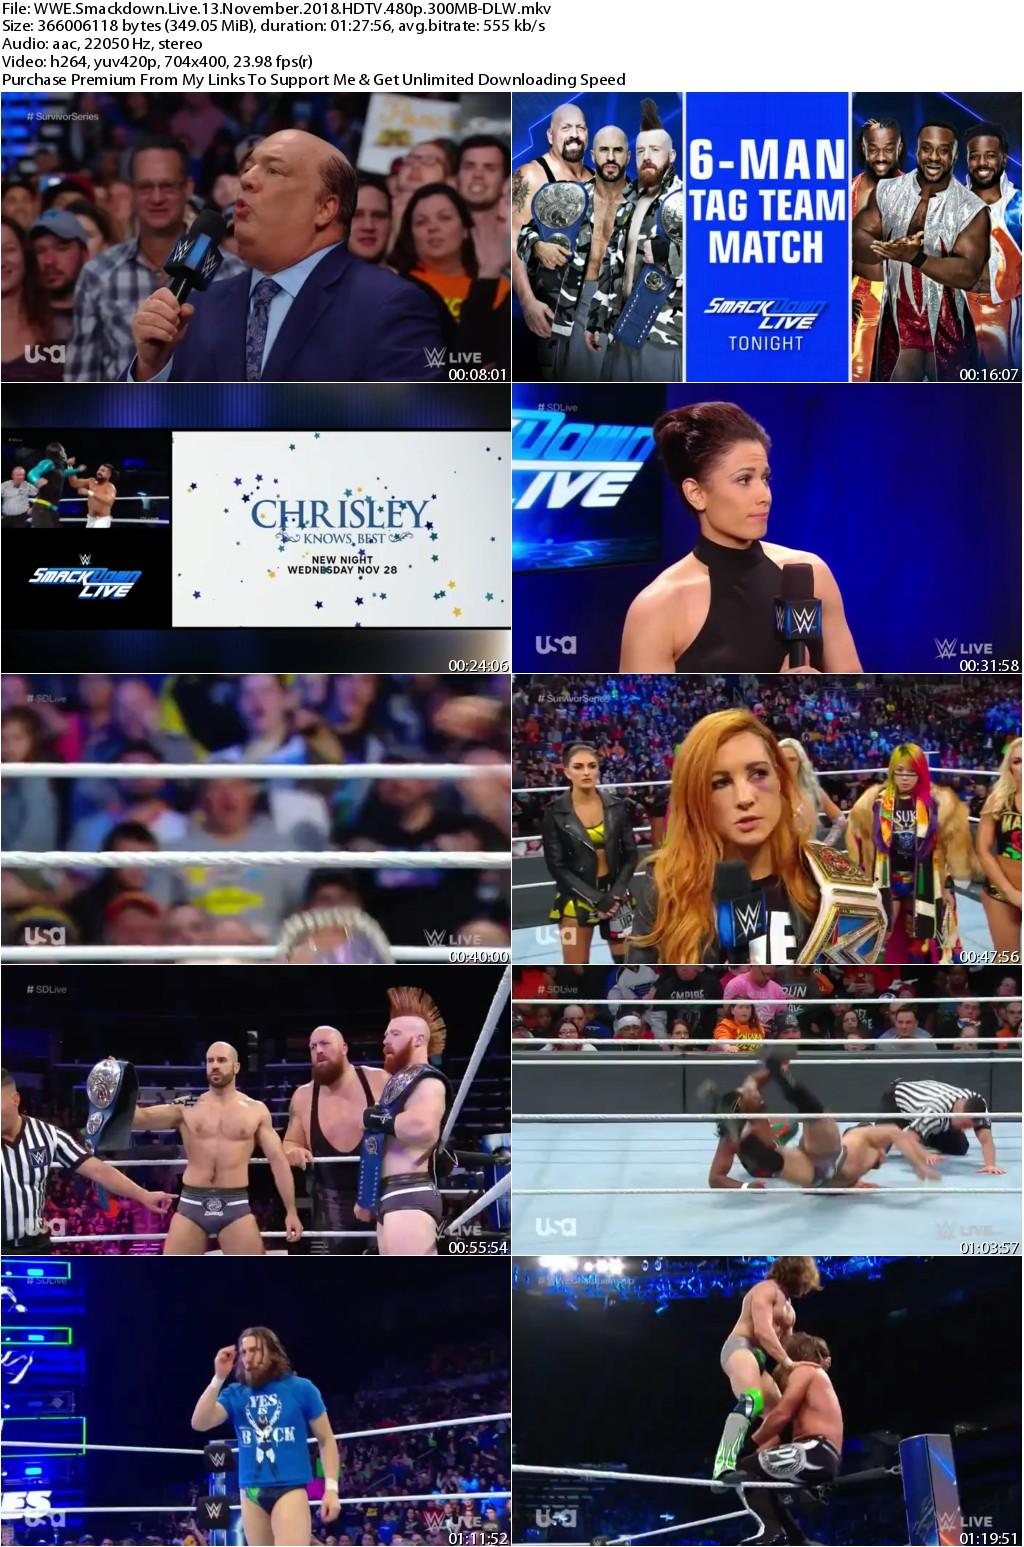 WWE Smackdown Live 13 November 2018 HDTV 480p 300MB-DLW